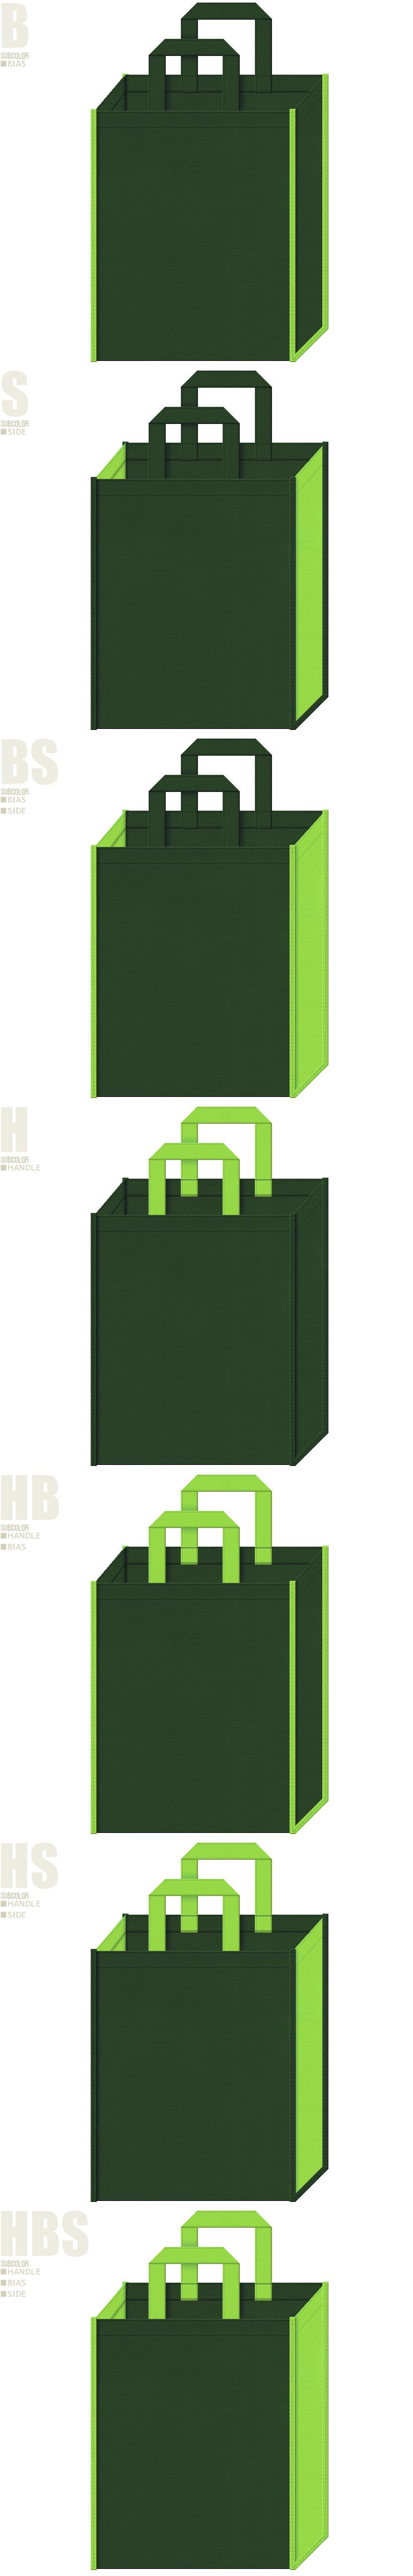 エコバッグ・植物園・野菜・お茶・青汁・屋上緑化・壁面緑化・園芸用品・キャンプ用品の展示会用バッグにお奨めの不織布バッグデザイン:濃緑色と黄緑色の不織布バッグ配色7パターン。